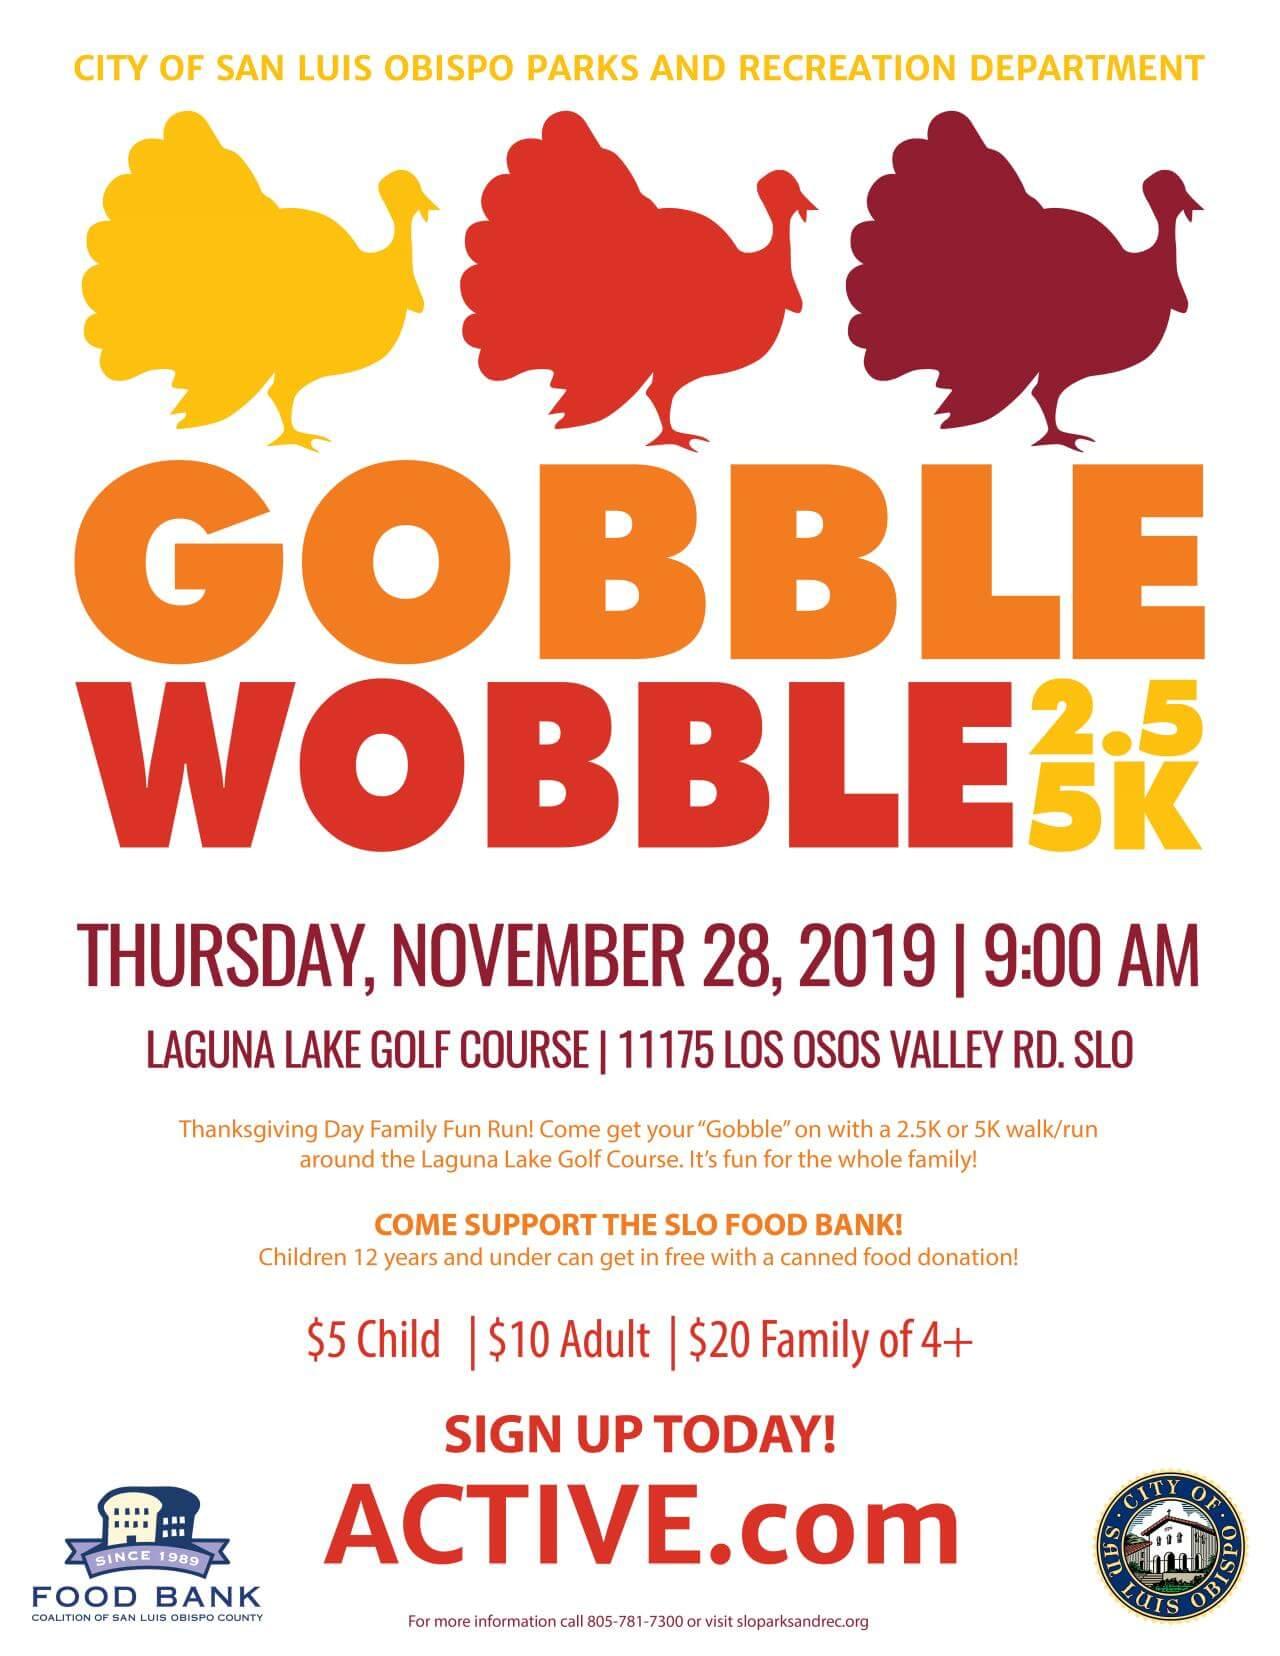 Gobble Wobble, 2019 2.5K and 5K fundraiser event flyer.